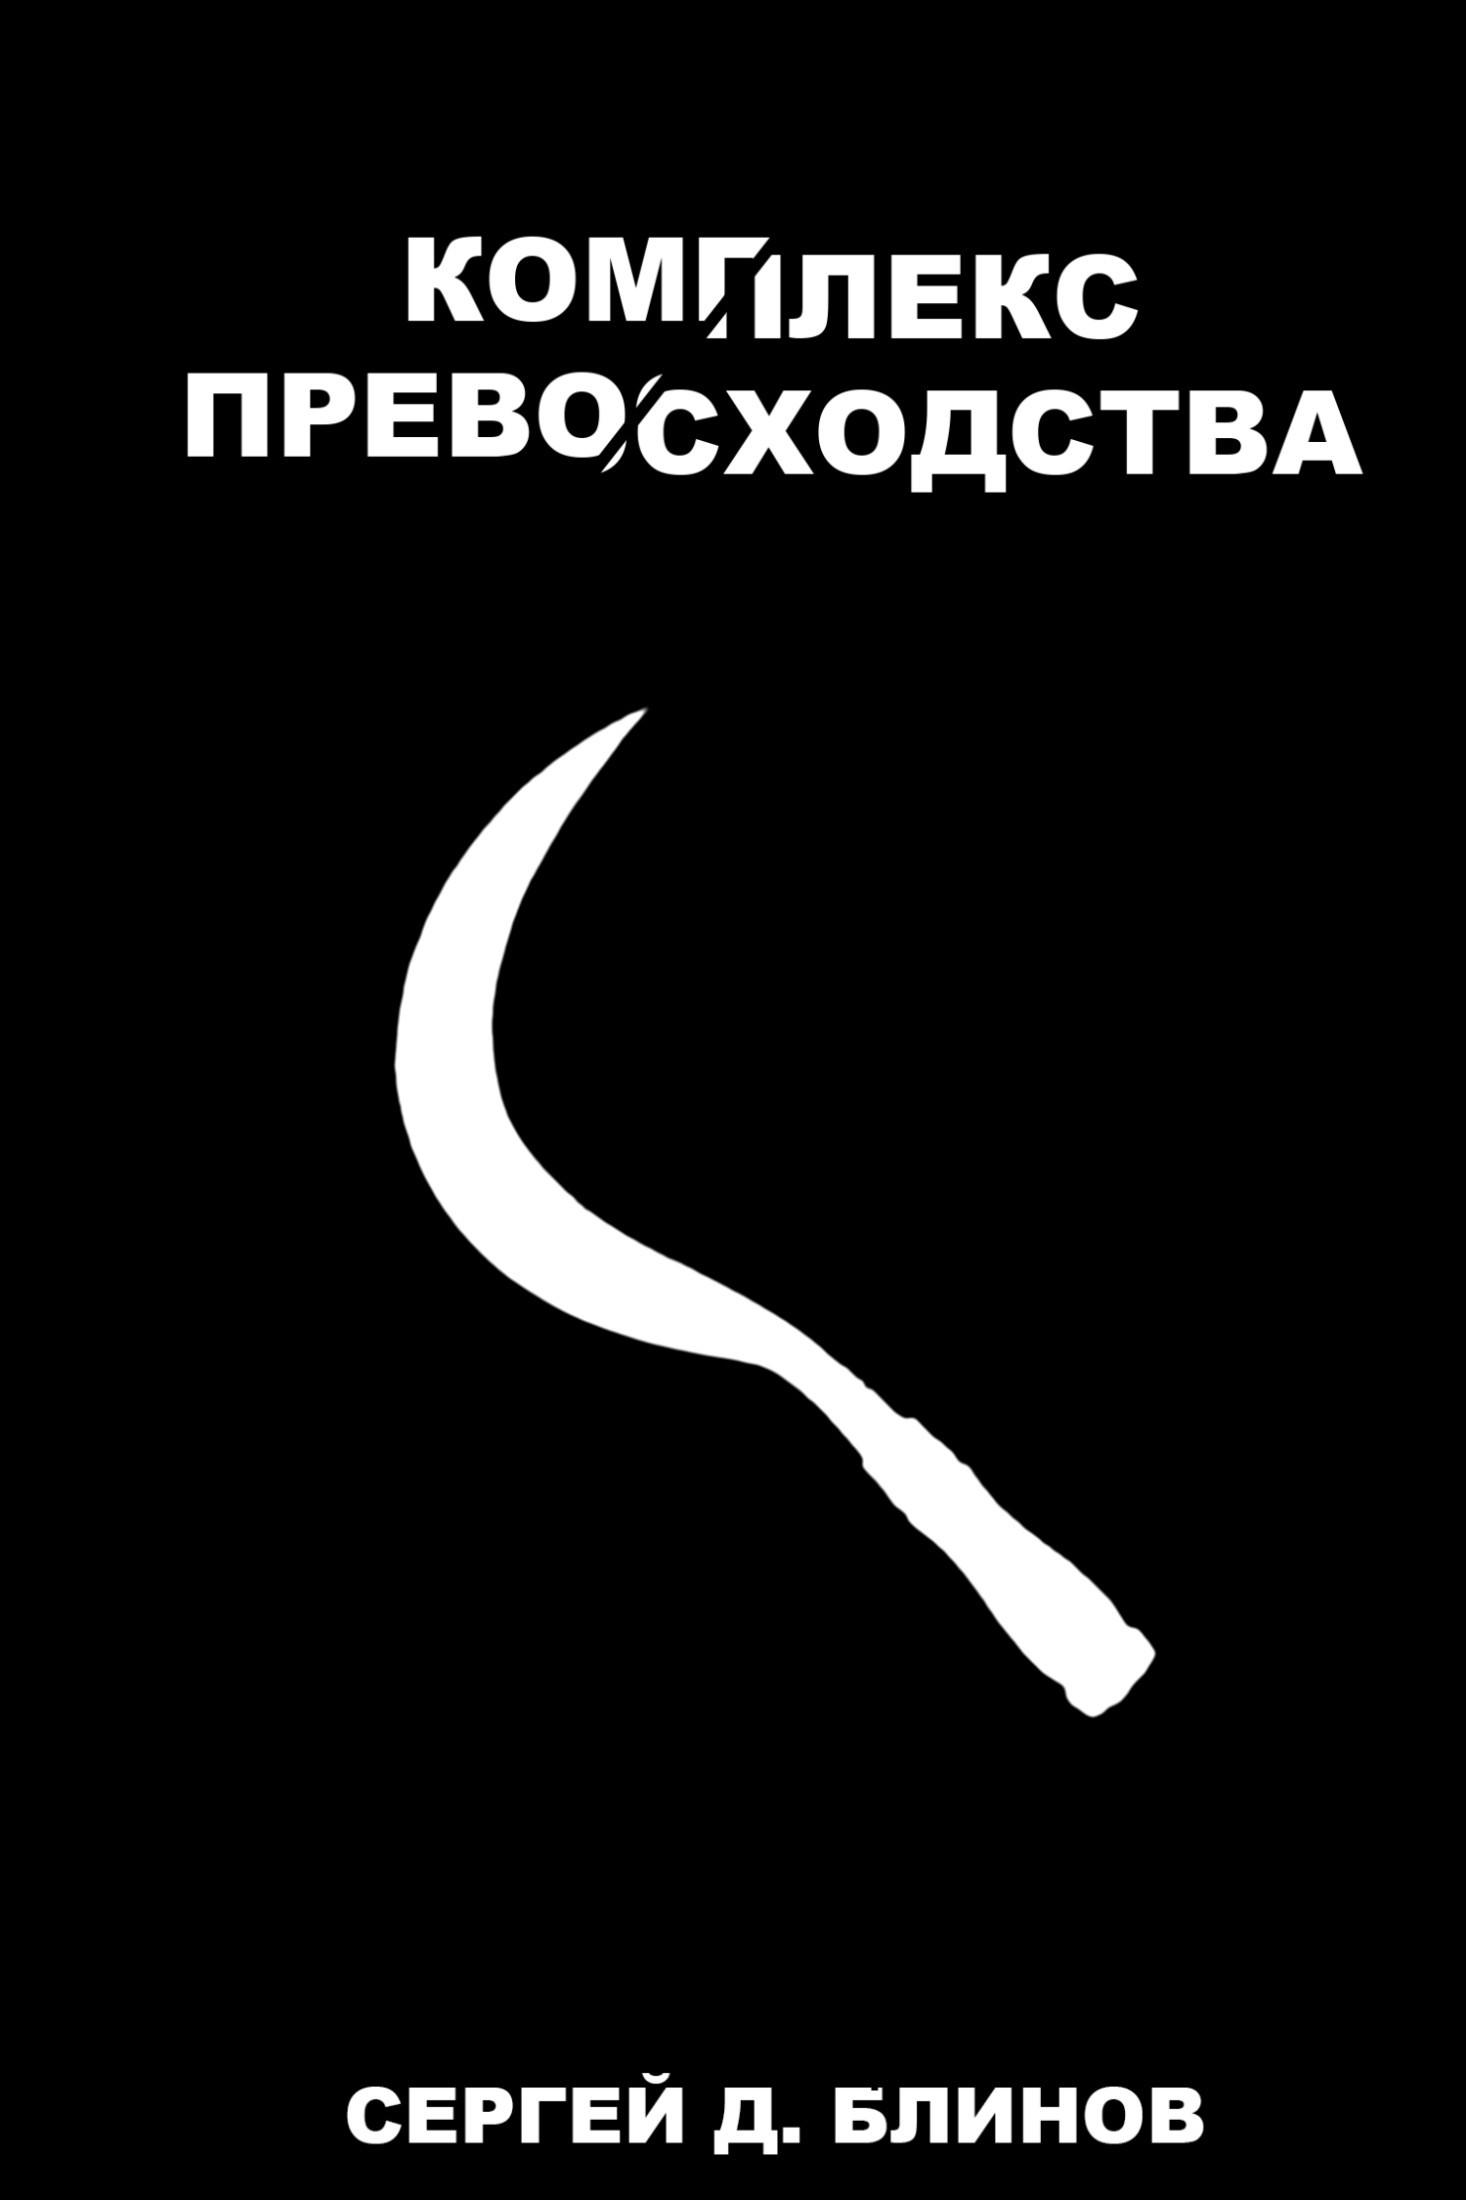 Обложка книги Комплекс превосходства, автор Сергей Д. Блинов